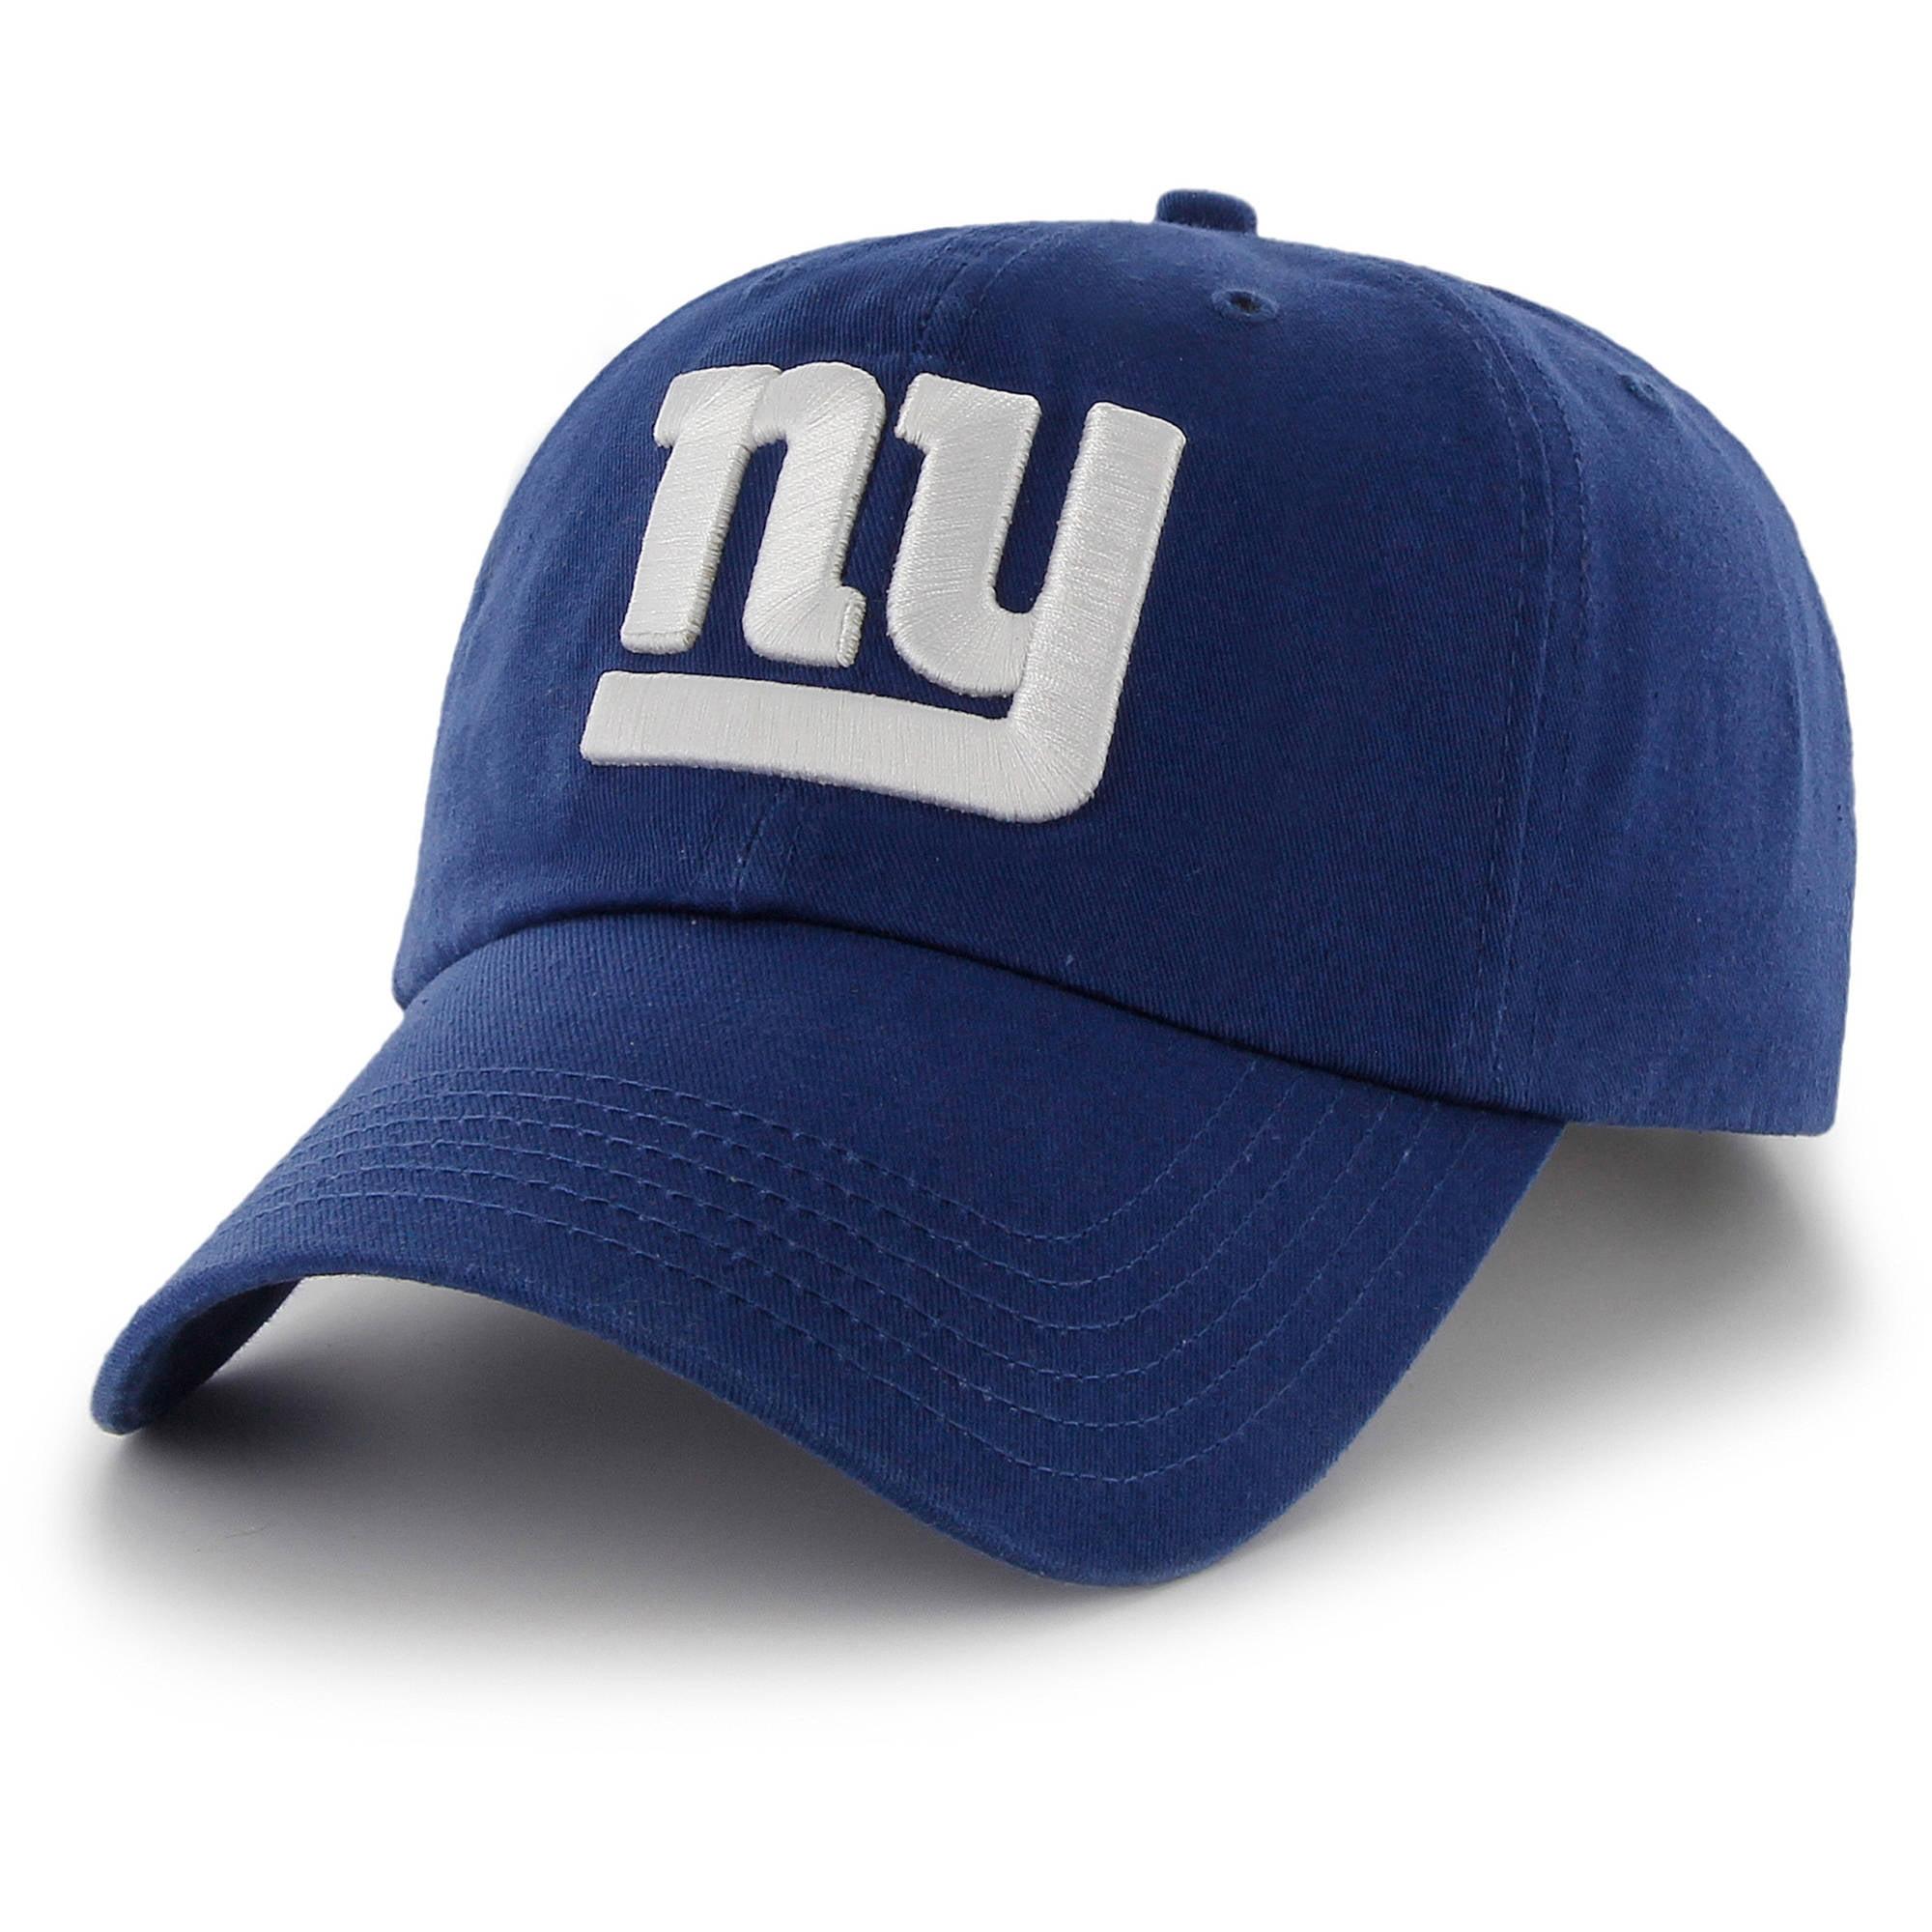 NFL New York Giants Clean Up Cap / Hat by Fan Favorite